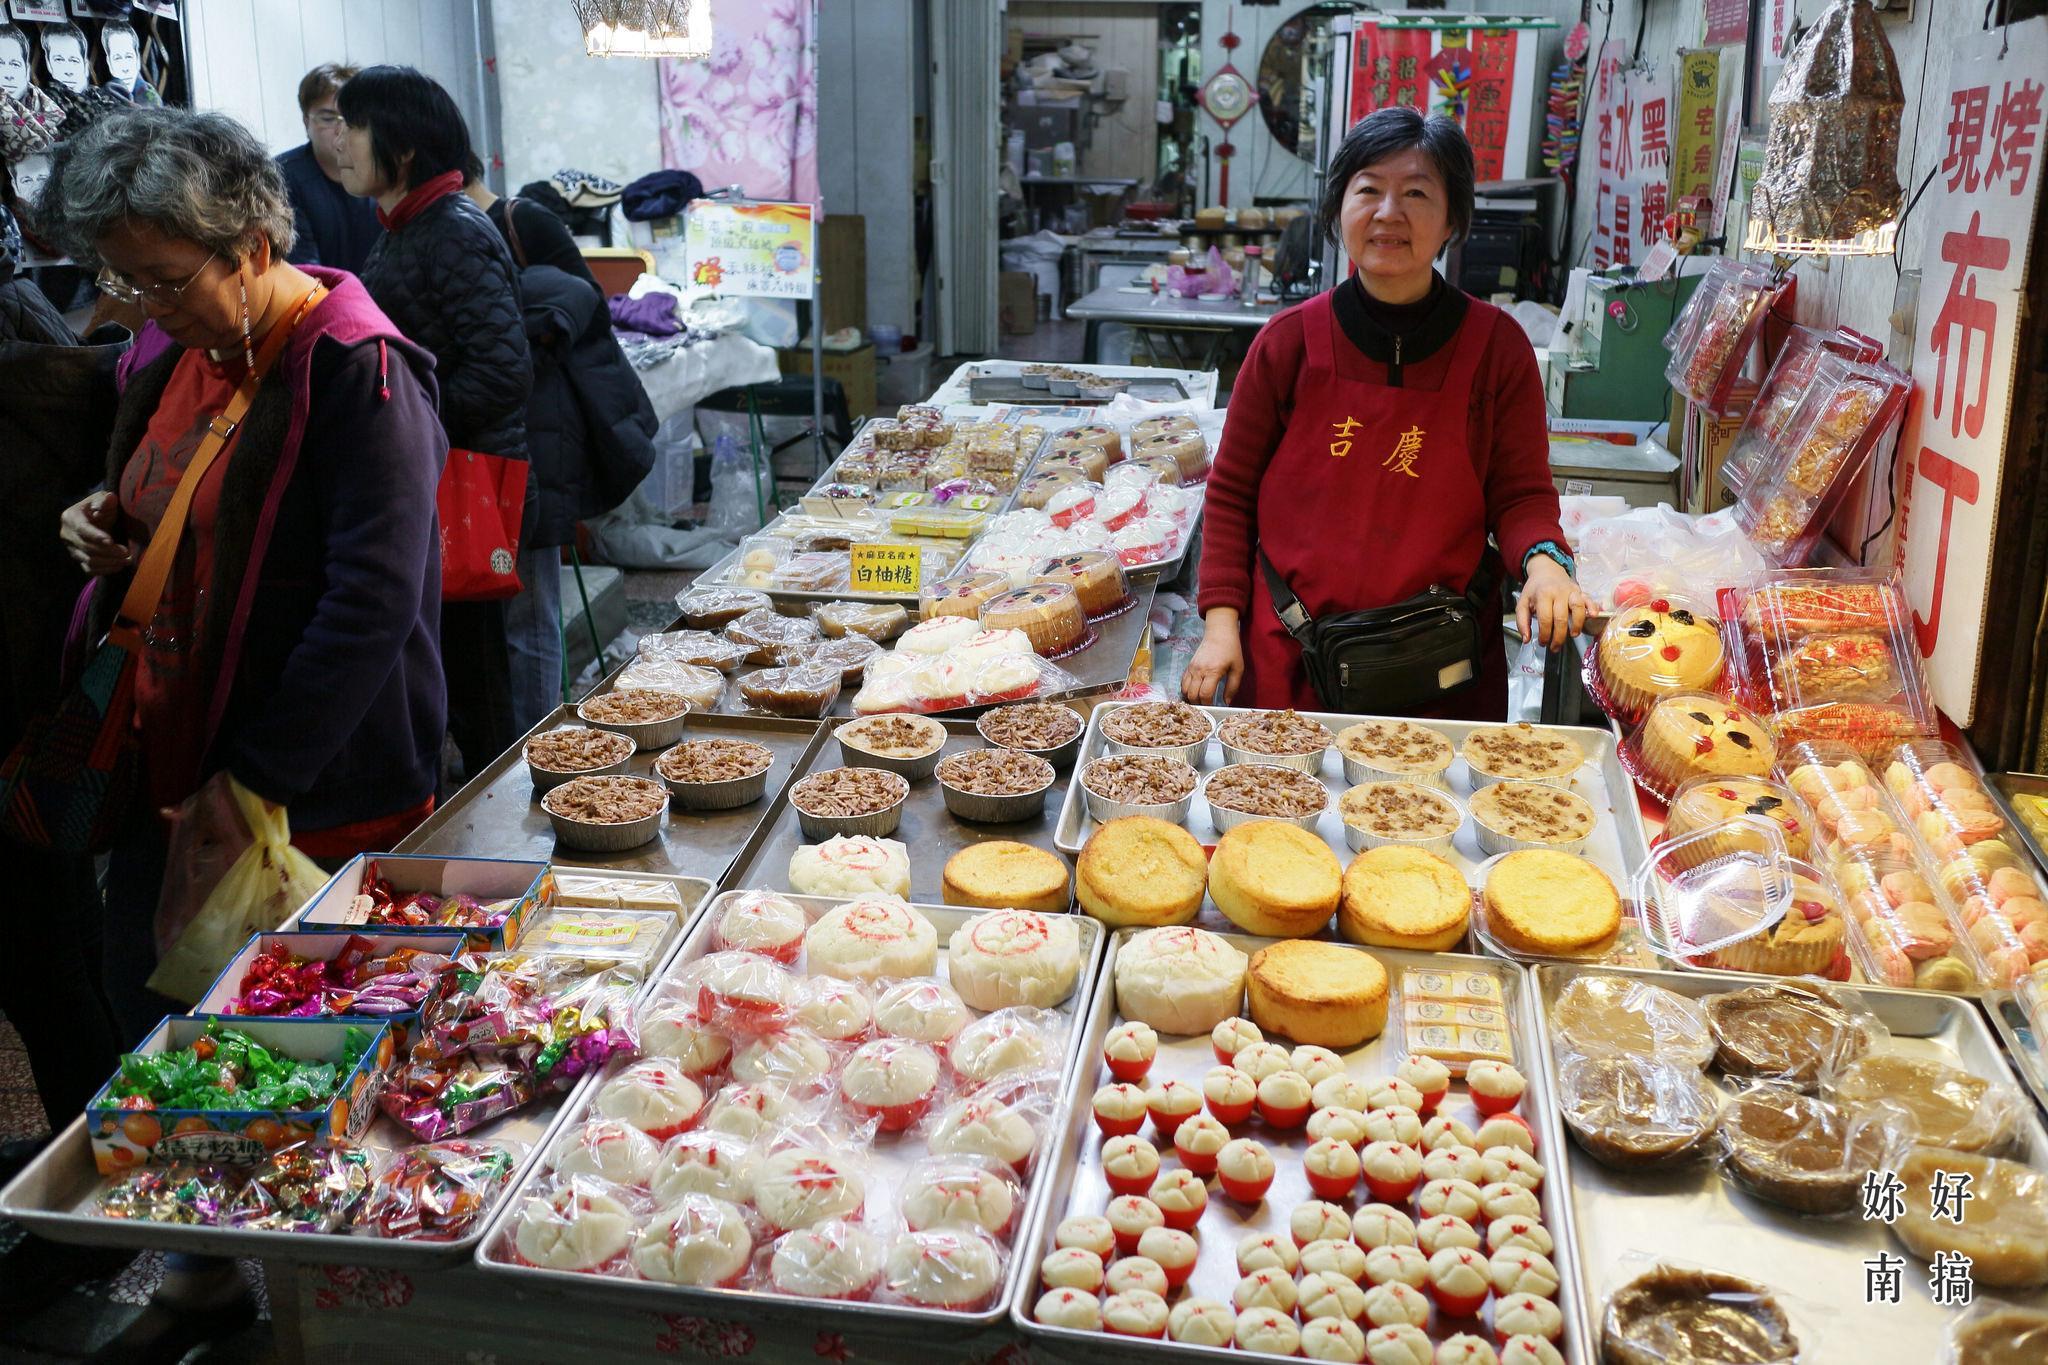 台南深度旅遊-主廚的菜籃子逛市場-08-妳好南搞